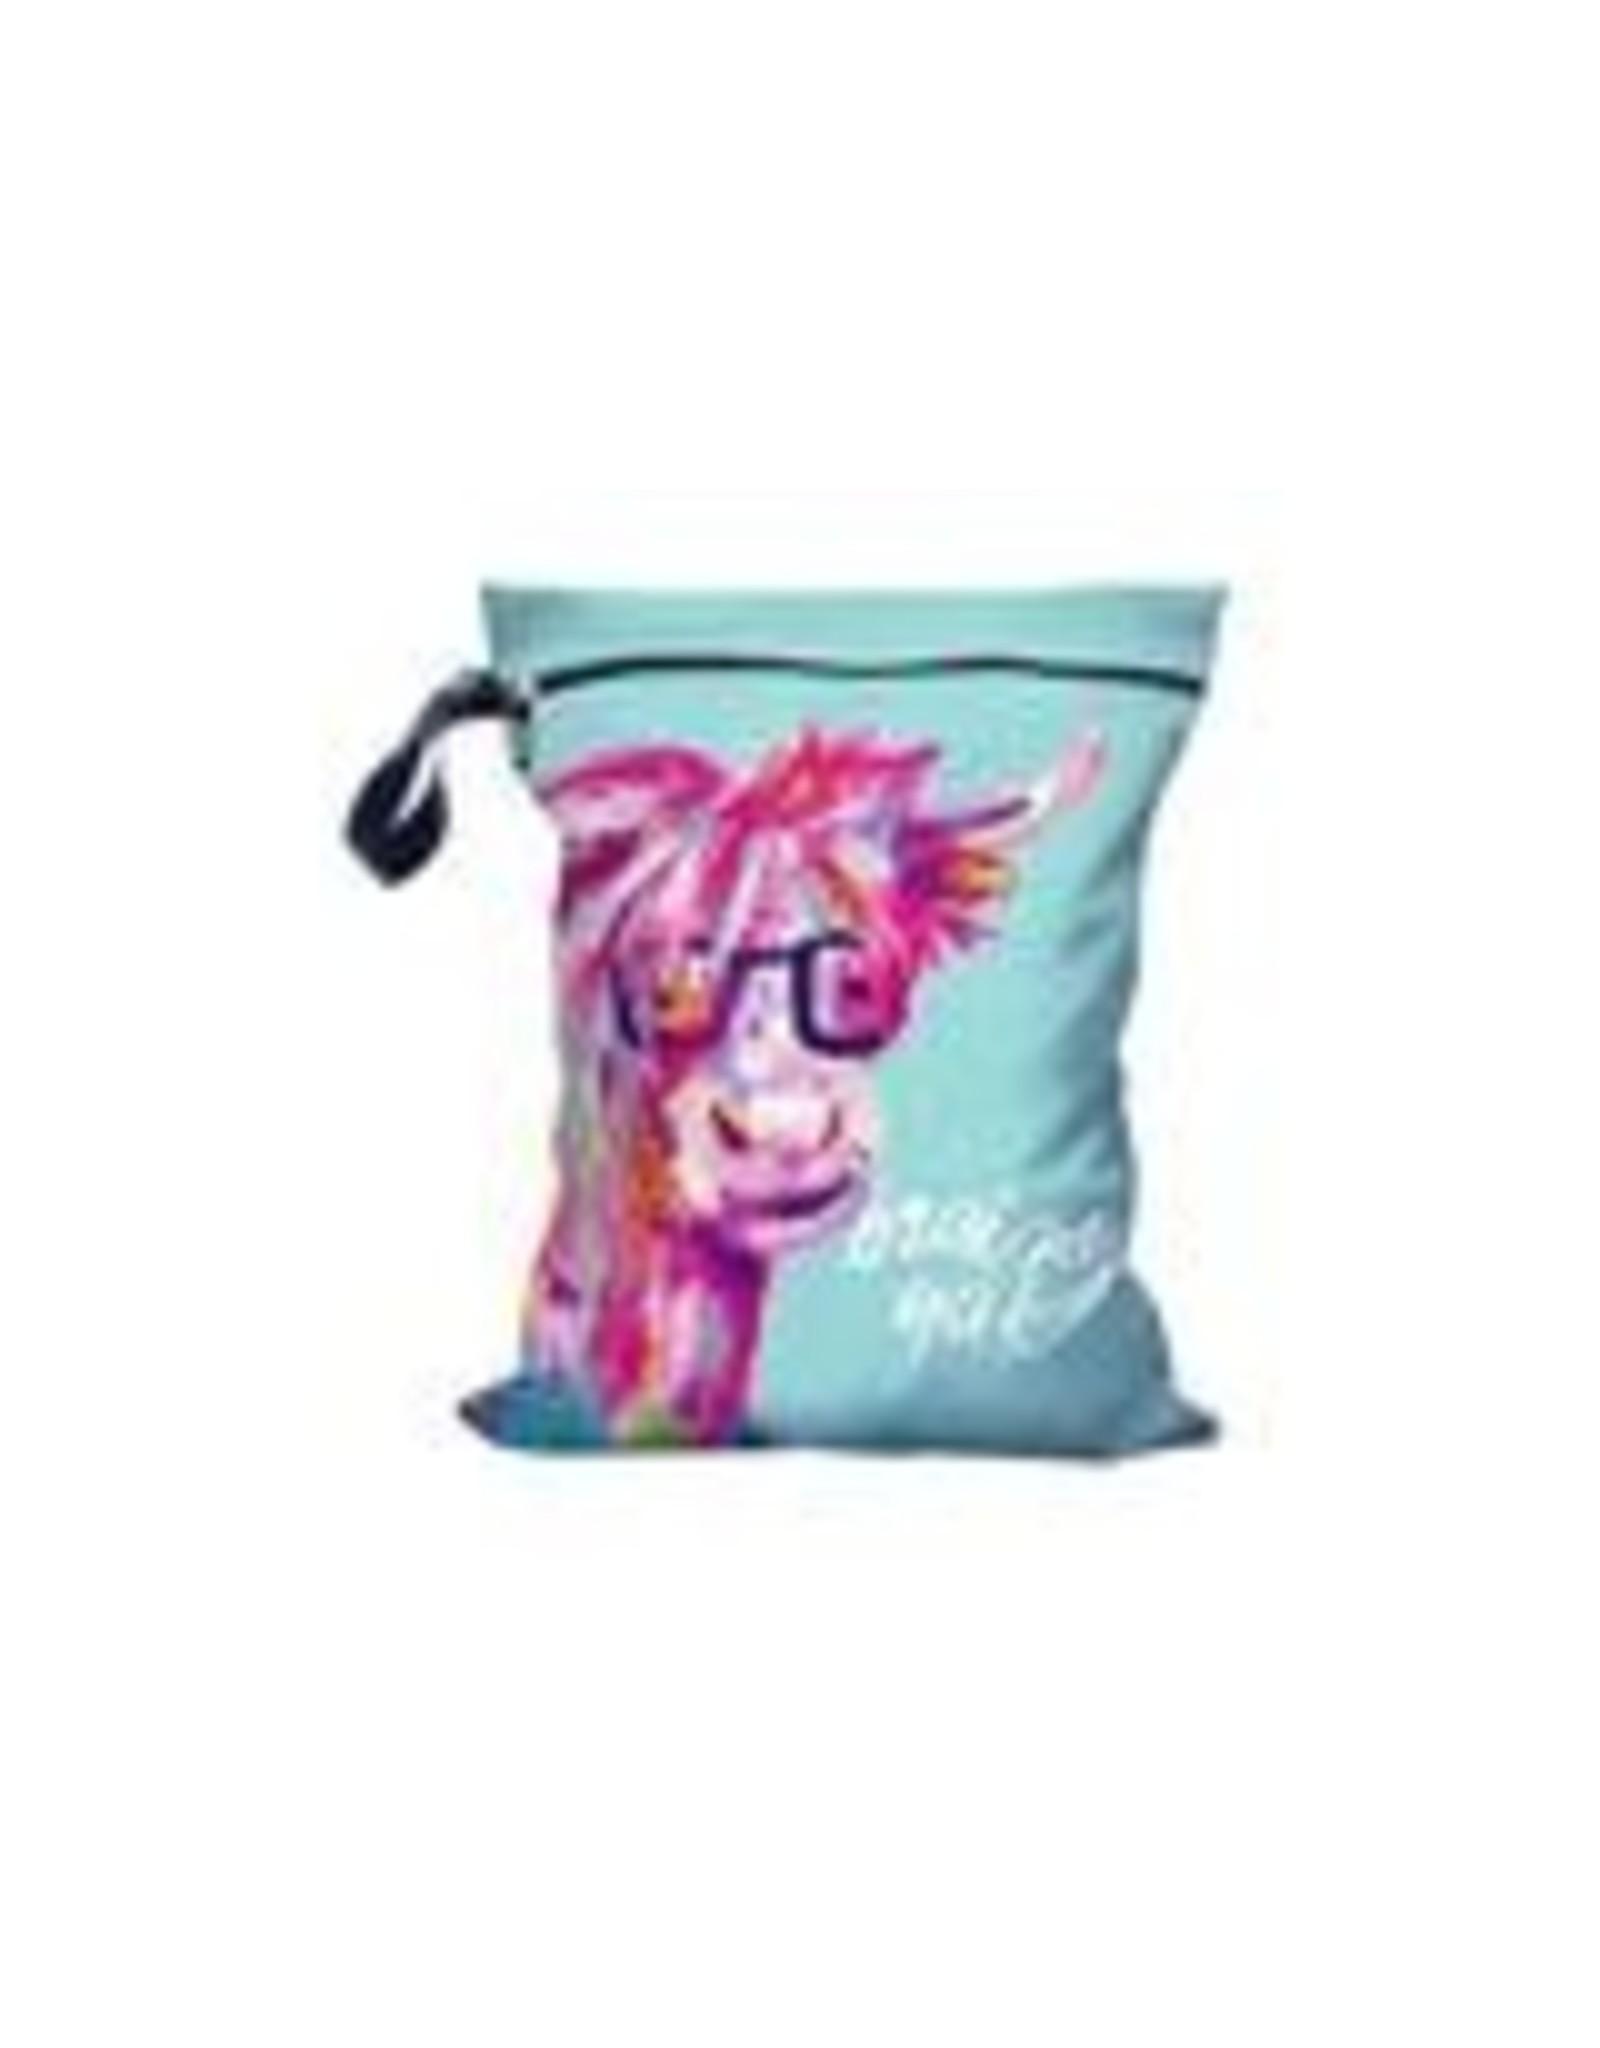 Gleener Wet/Dry Bag Brainy YAK